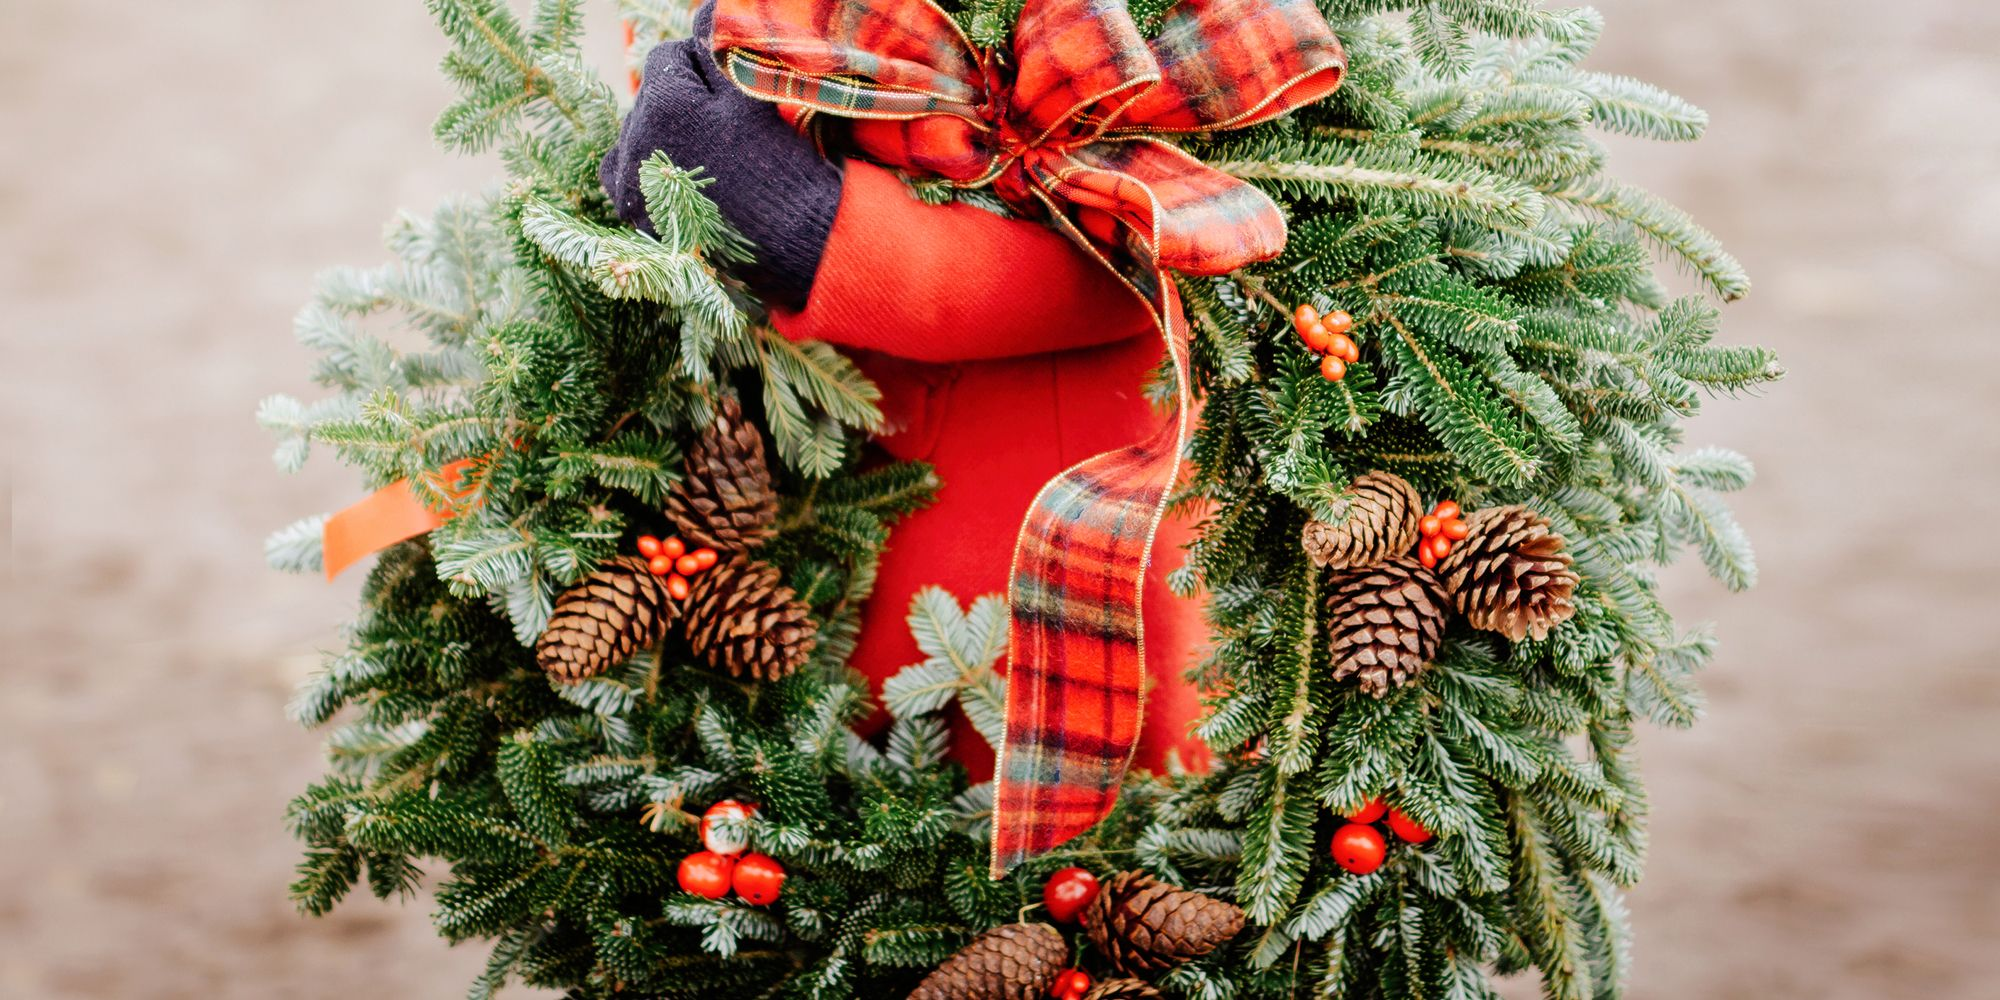 12 best christmas wreaths for your front door holiday wreaths for 2018Best Christmas Door Wreaths #8